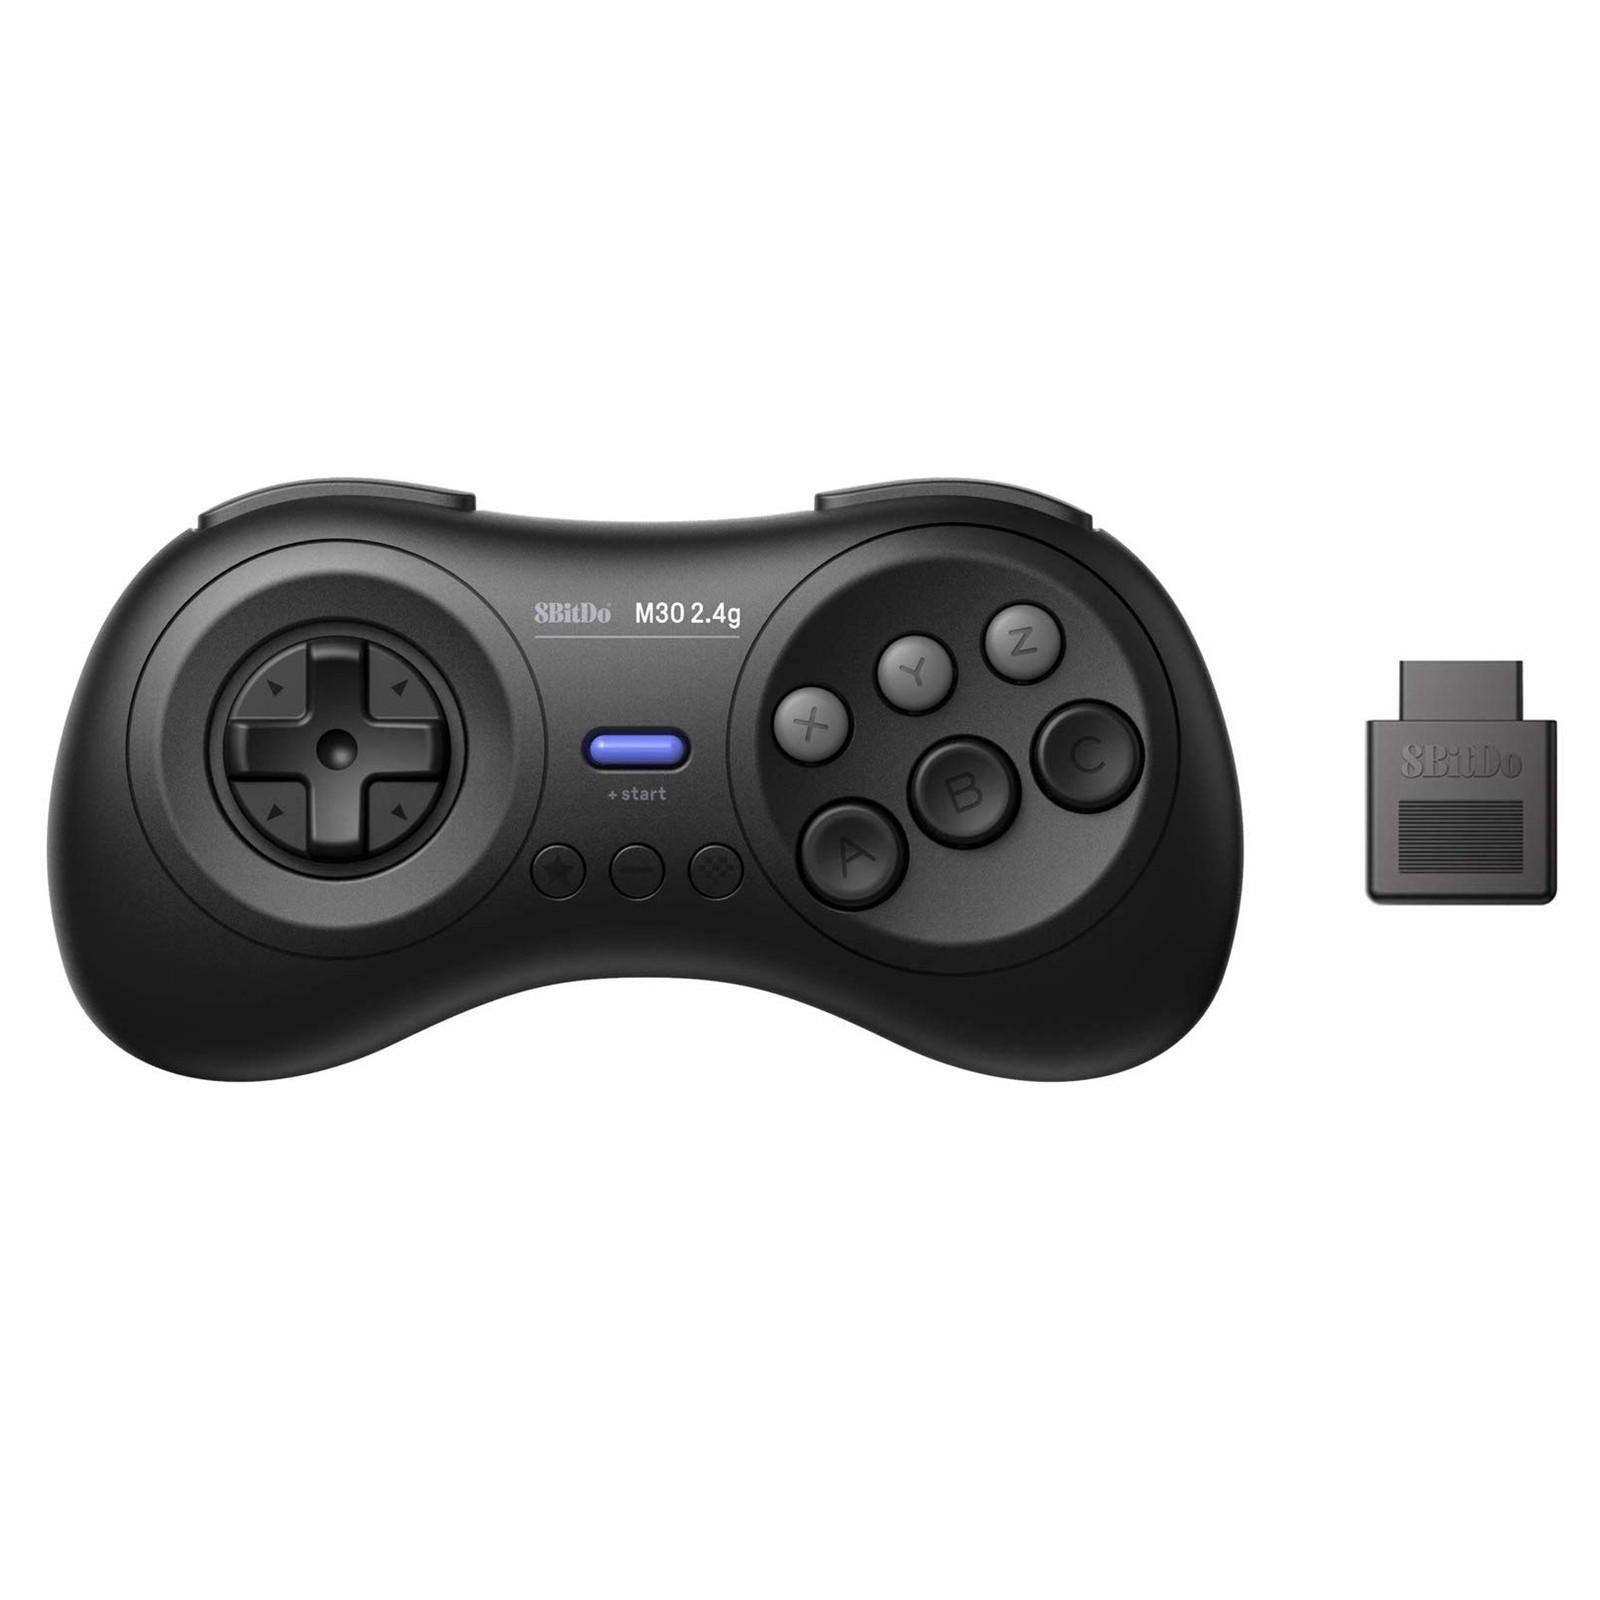 8bitdo M30 2.4G Wireless Mega Gamepad Game Controller för Nintendo Switch för Windows PC